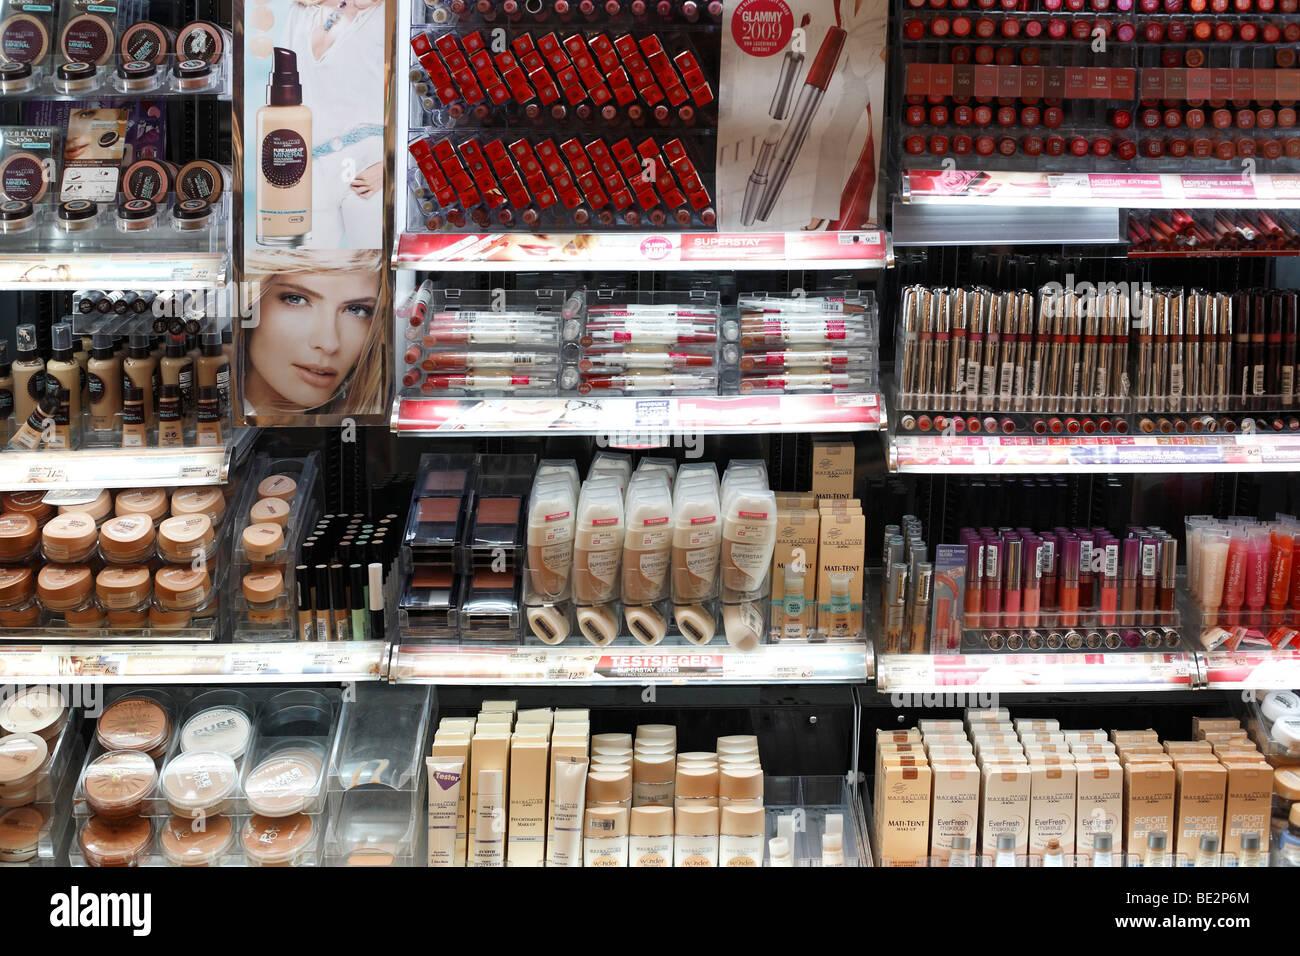 Kosmetik Regal in eine Apotheke Stockbild